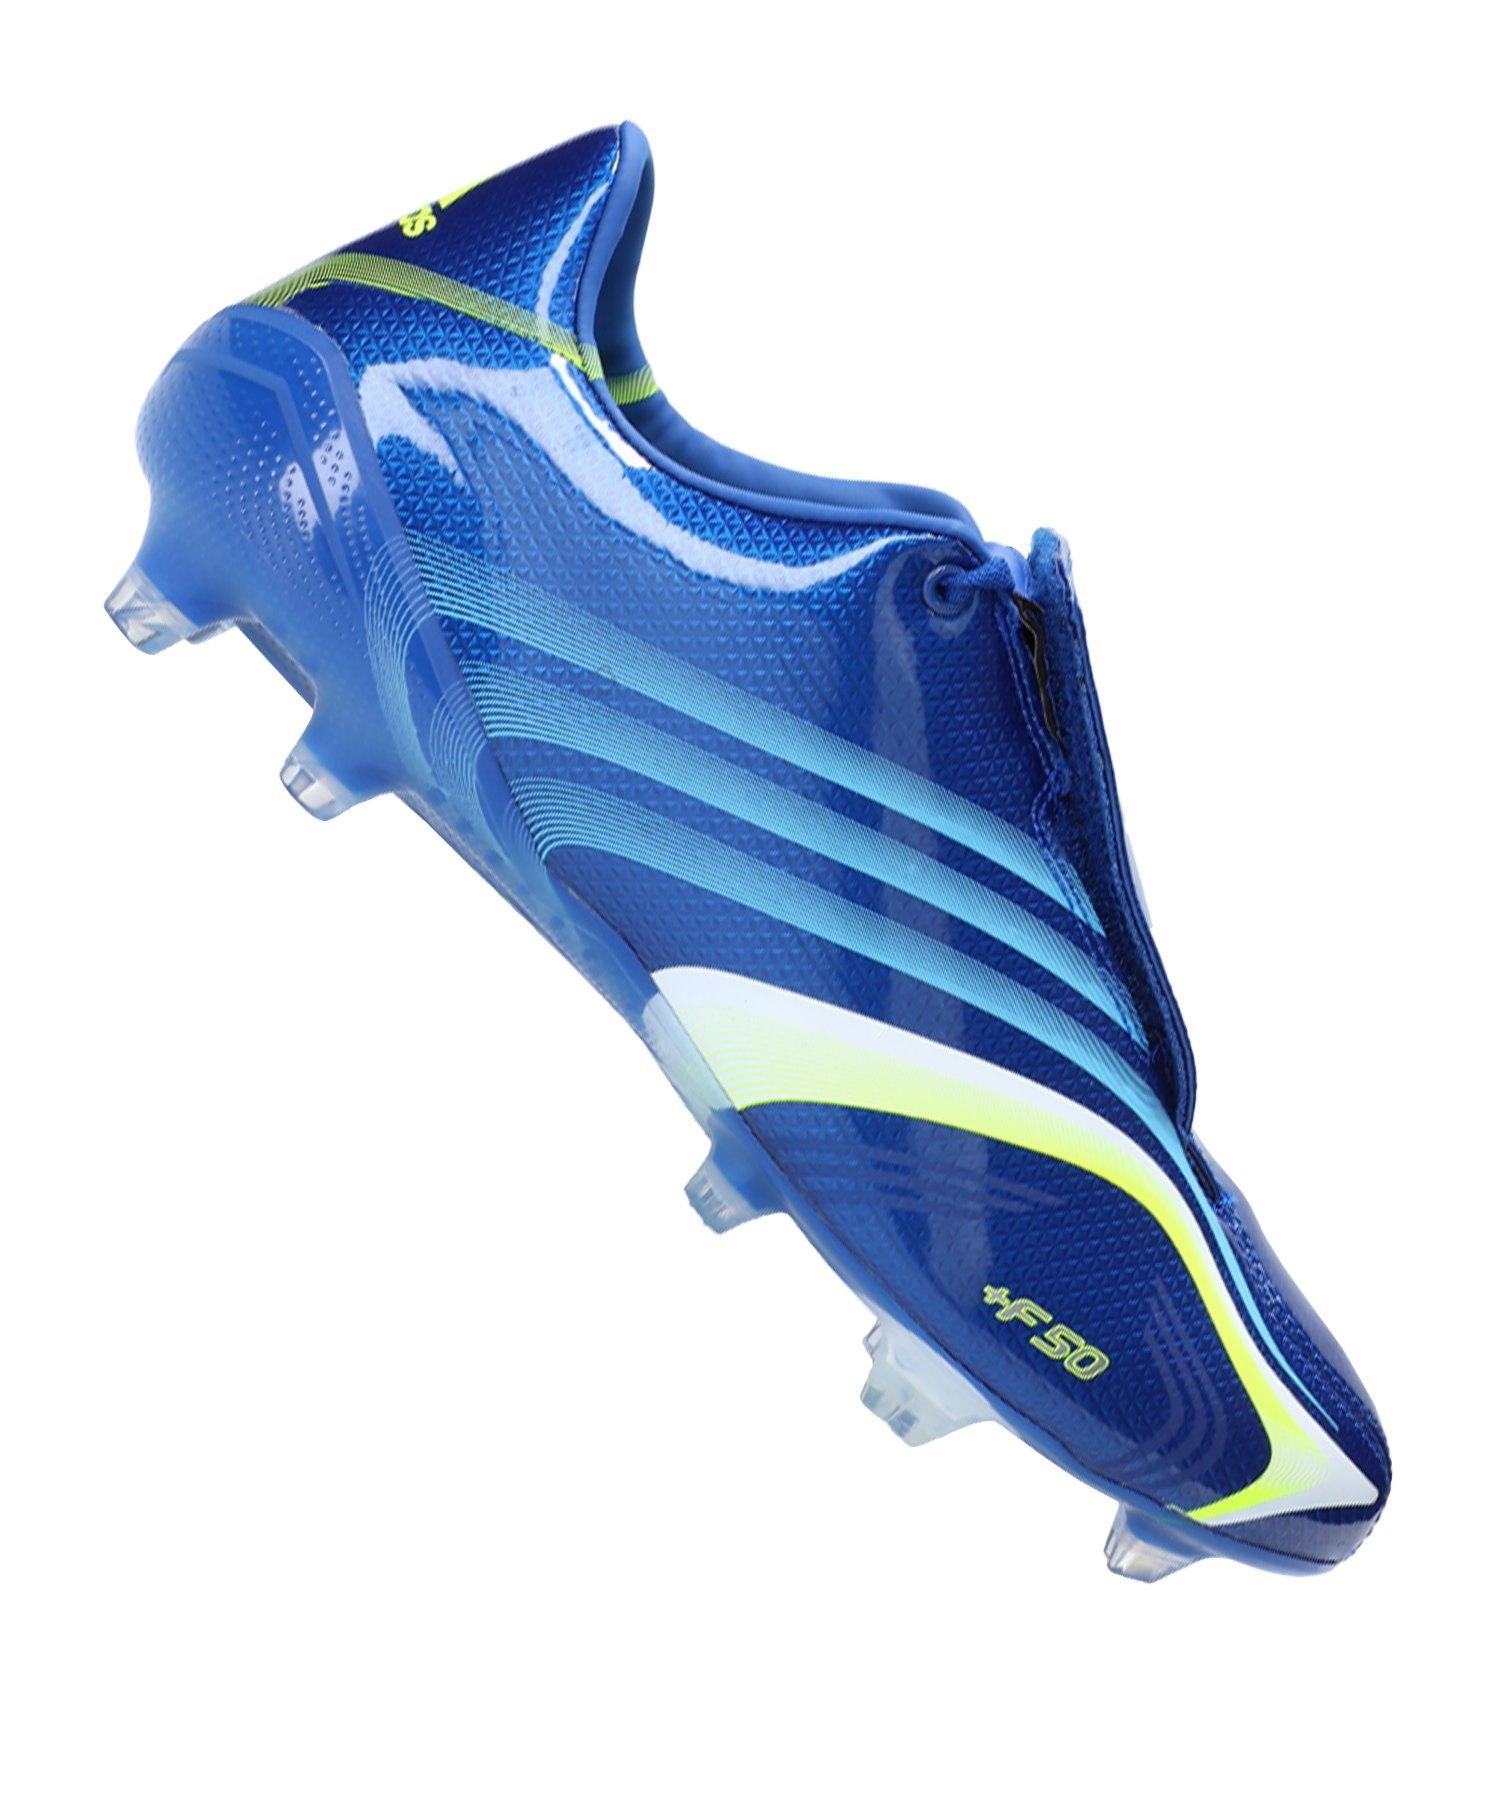 adidas X 506+ FG Blau Gelb Weiss